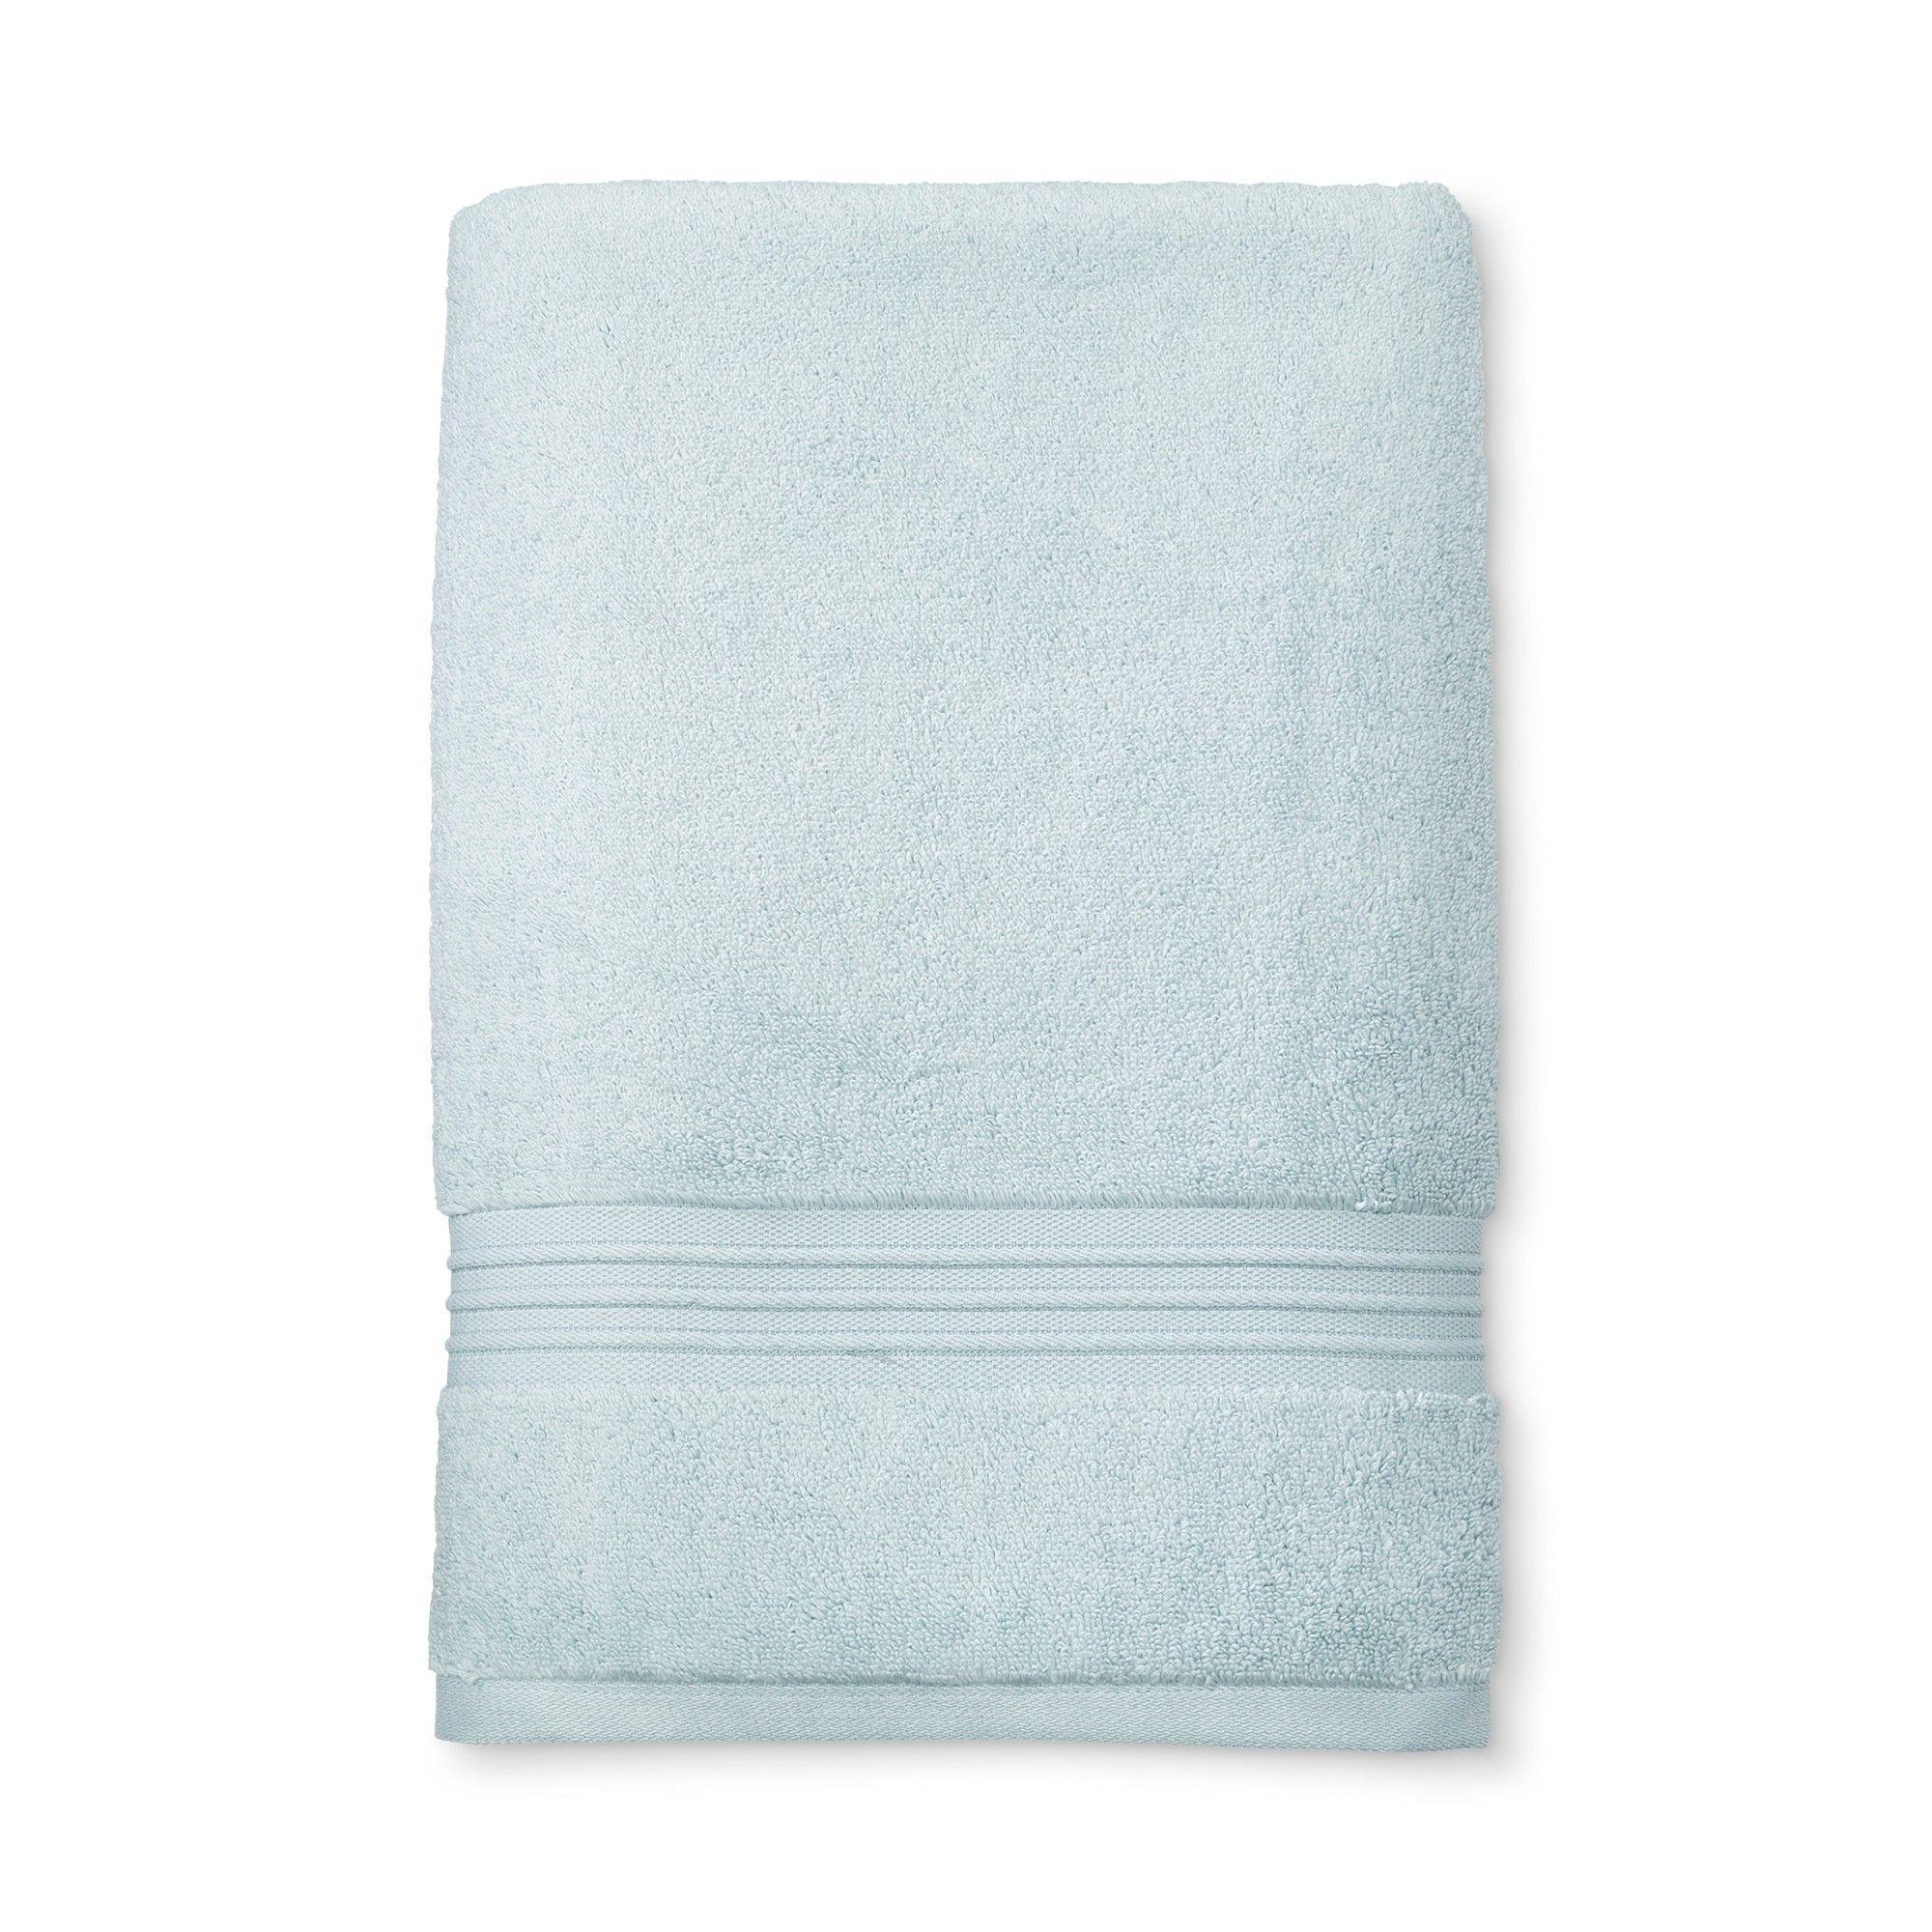 Spa Stripe Bath Sheet Light Blue Fieldcrest In 2019 Bath